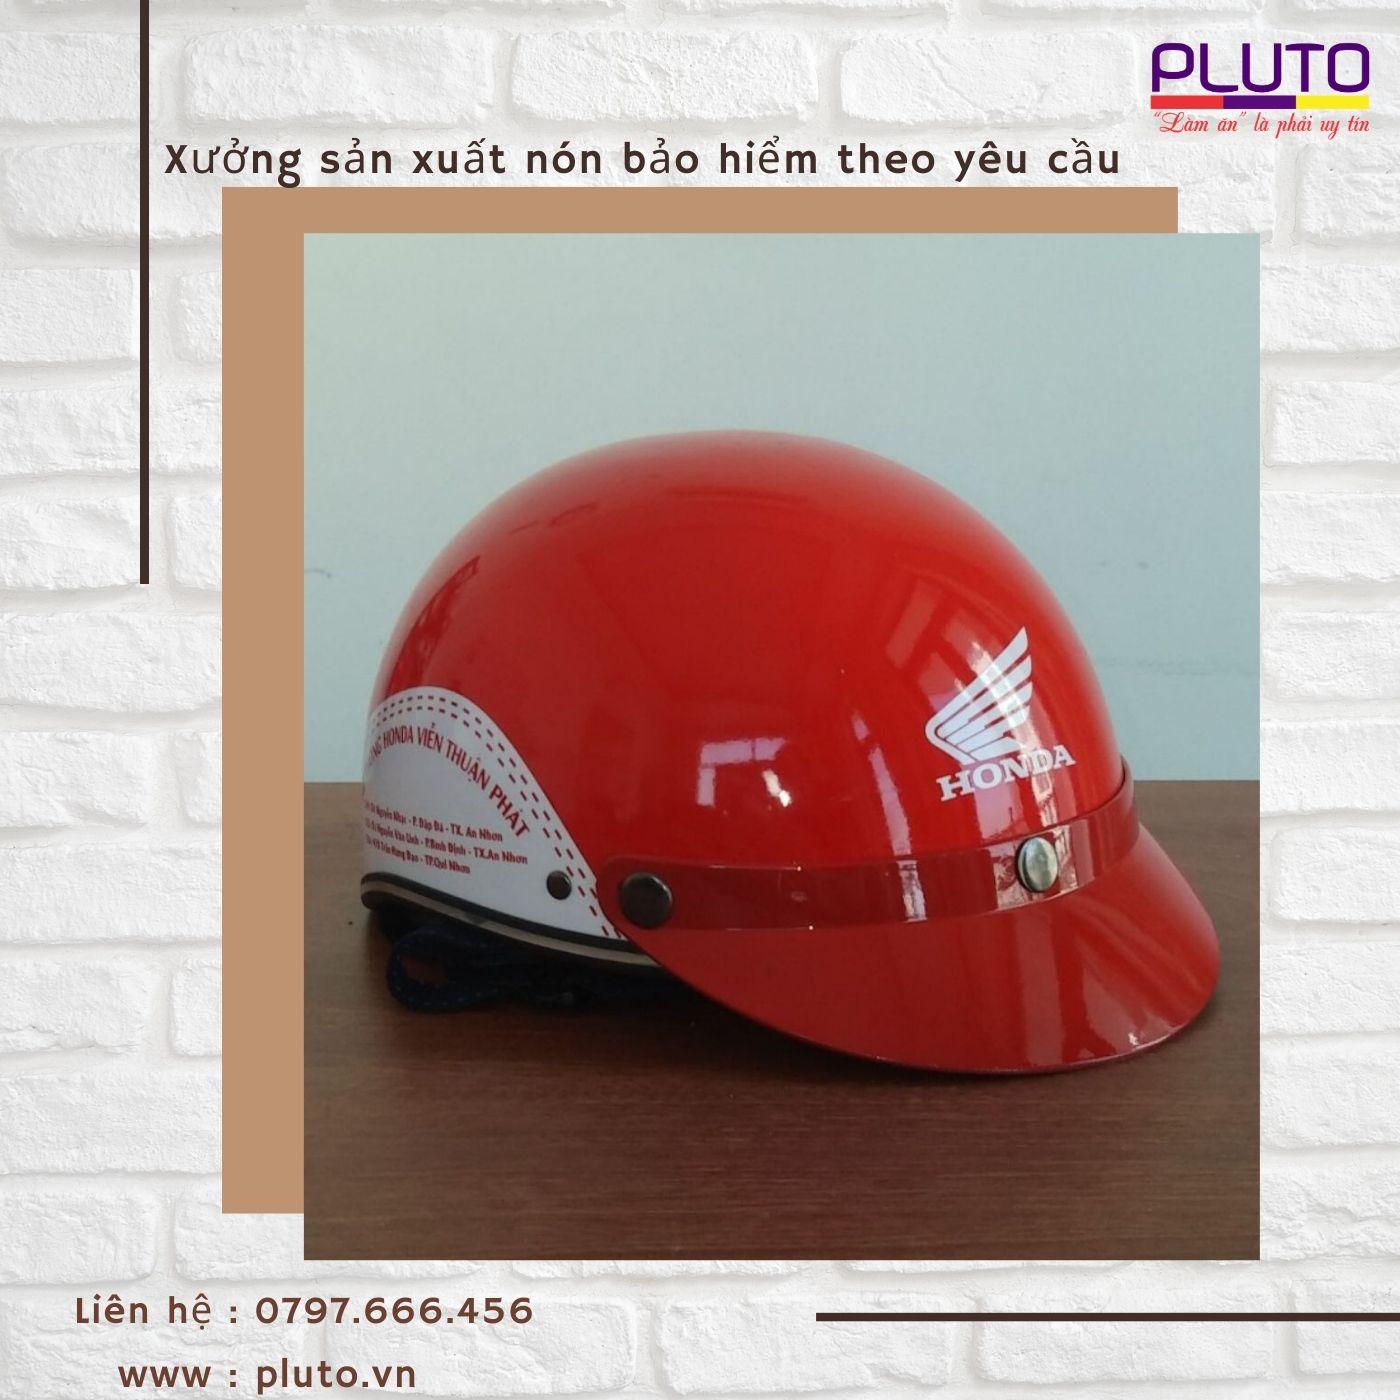 Sản xuất nón bảo hiểm quà tặng